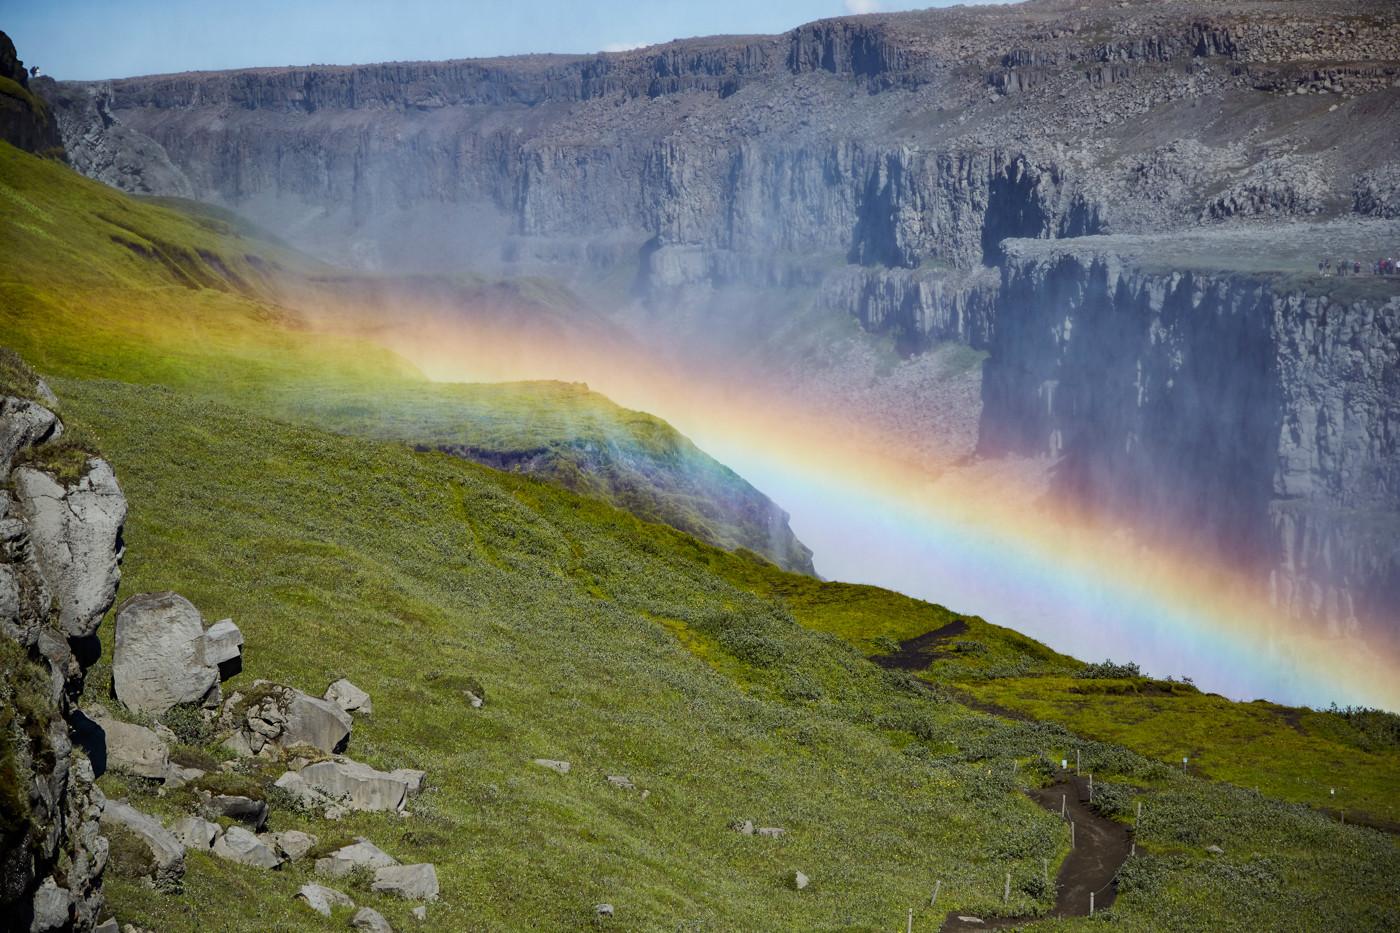 Regenbogen beim Dettifoss Wassefall